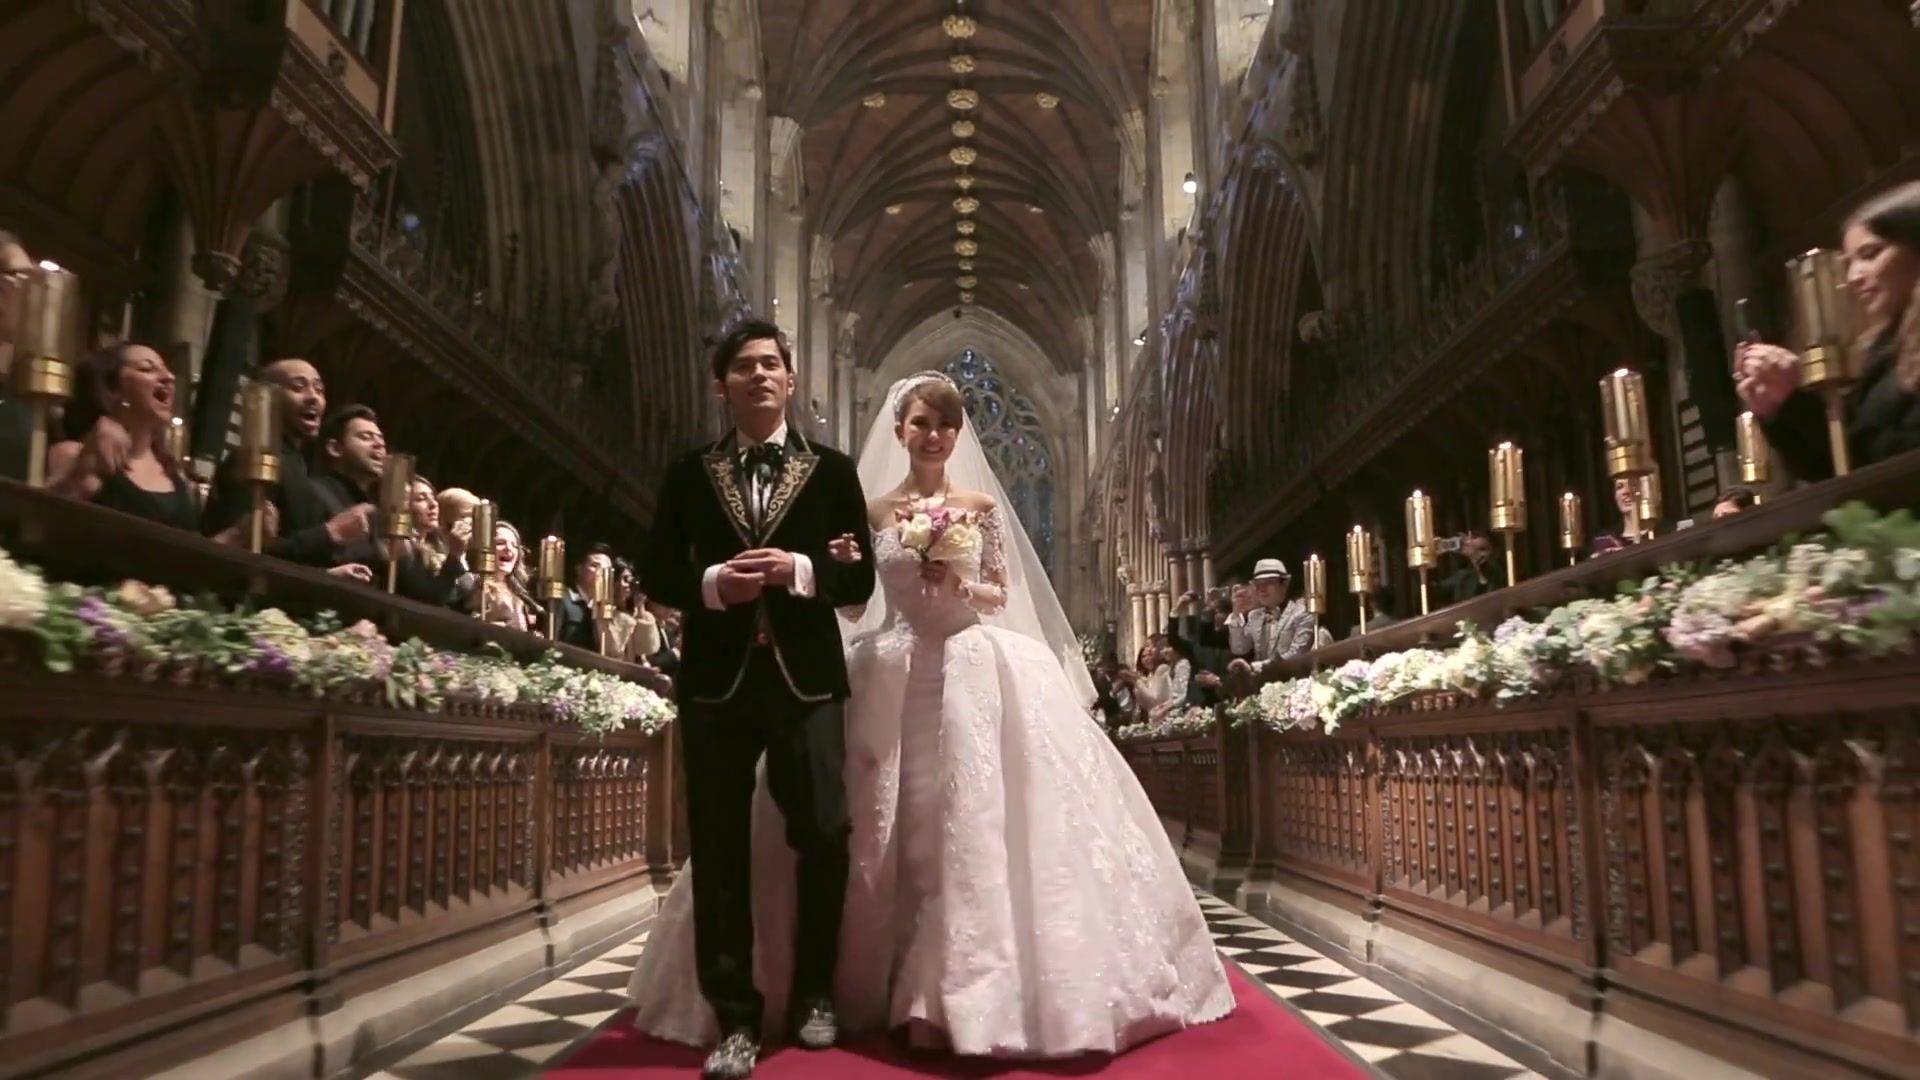 昆凌与周杰伦的婚礼是世纪的童话.